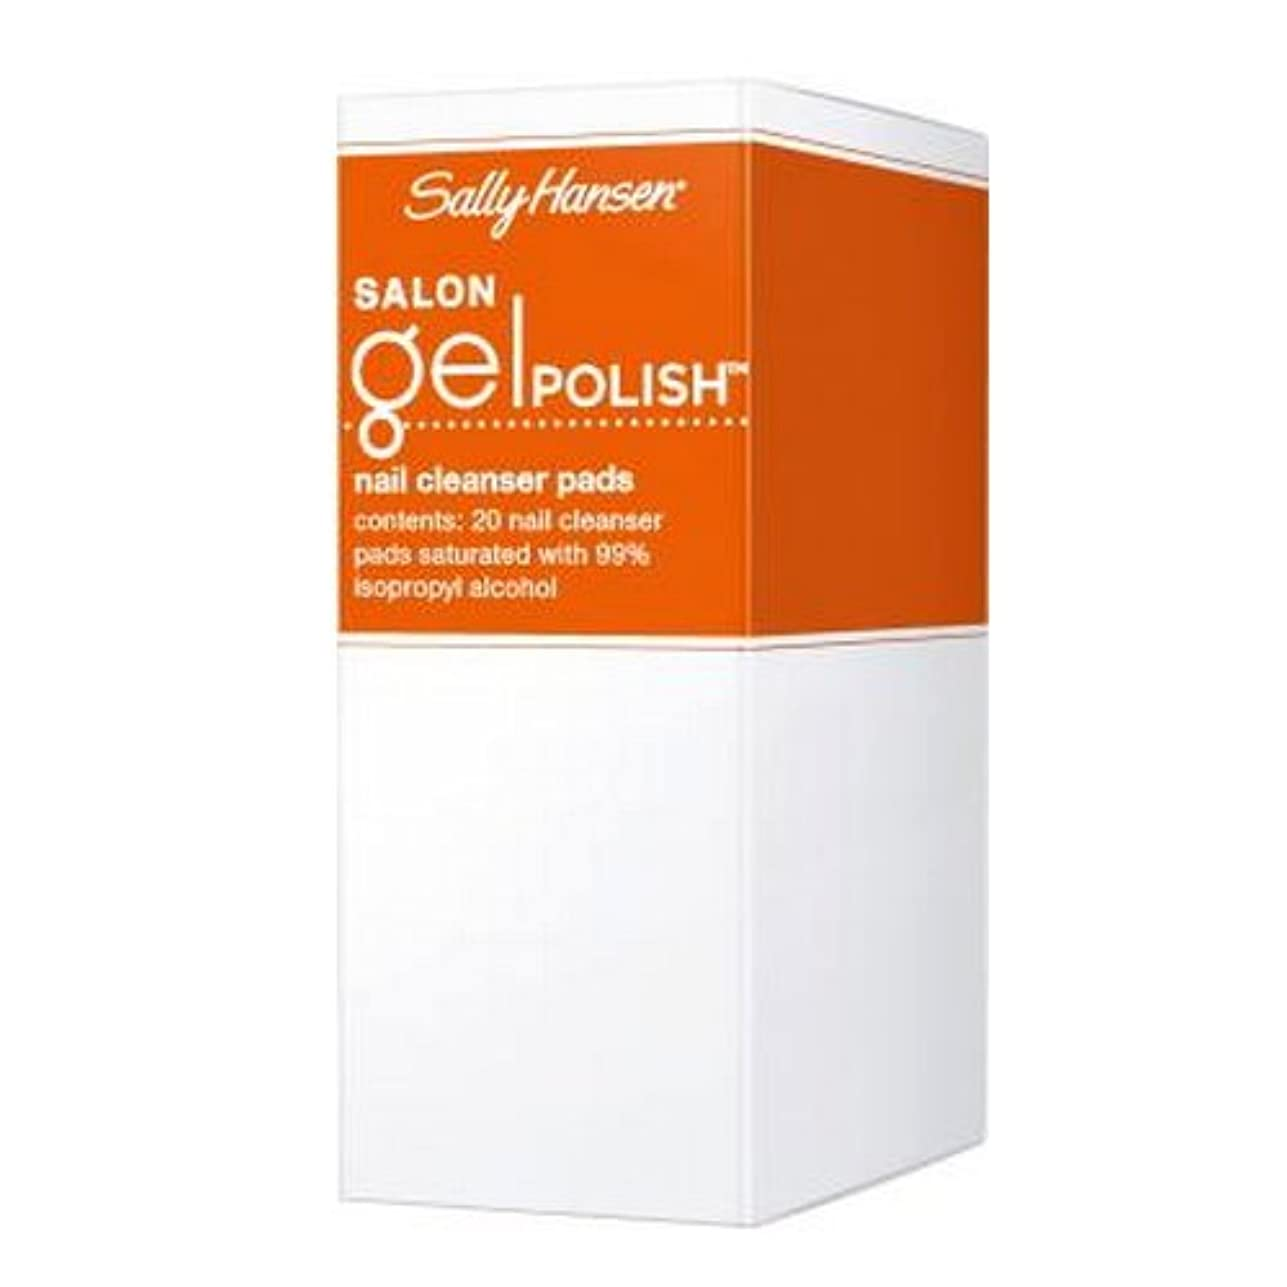 残酷な好意咳SALLY HANSEN Salon Gel Polish Nail Cleanser Pads - Gel Polish Cleanser Pads (並行輸入品)